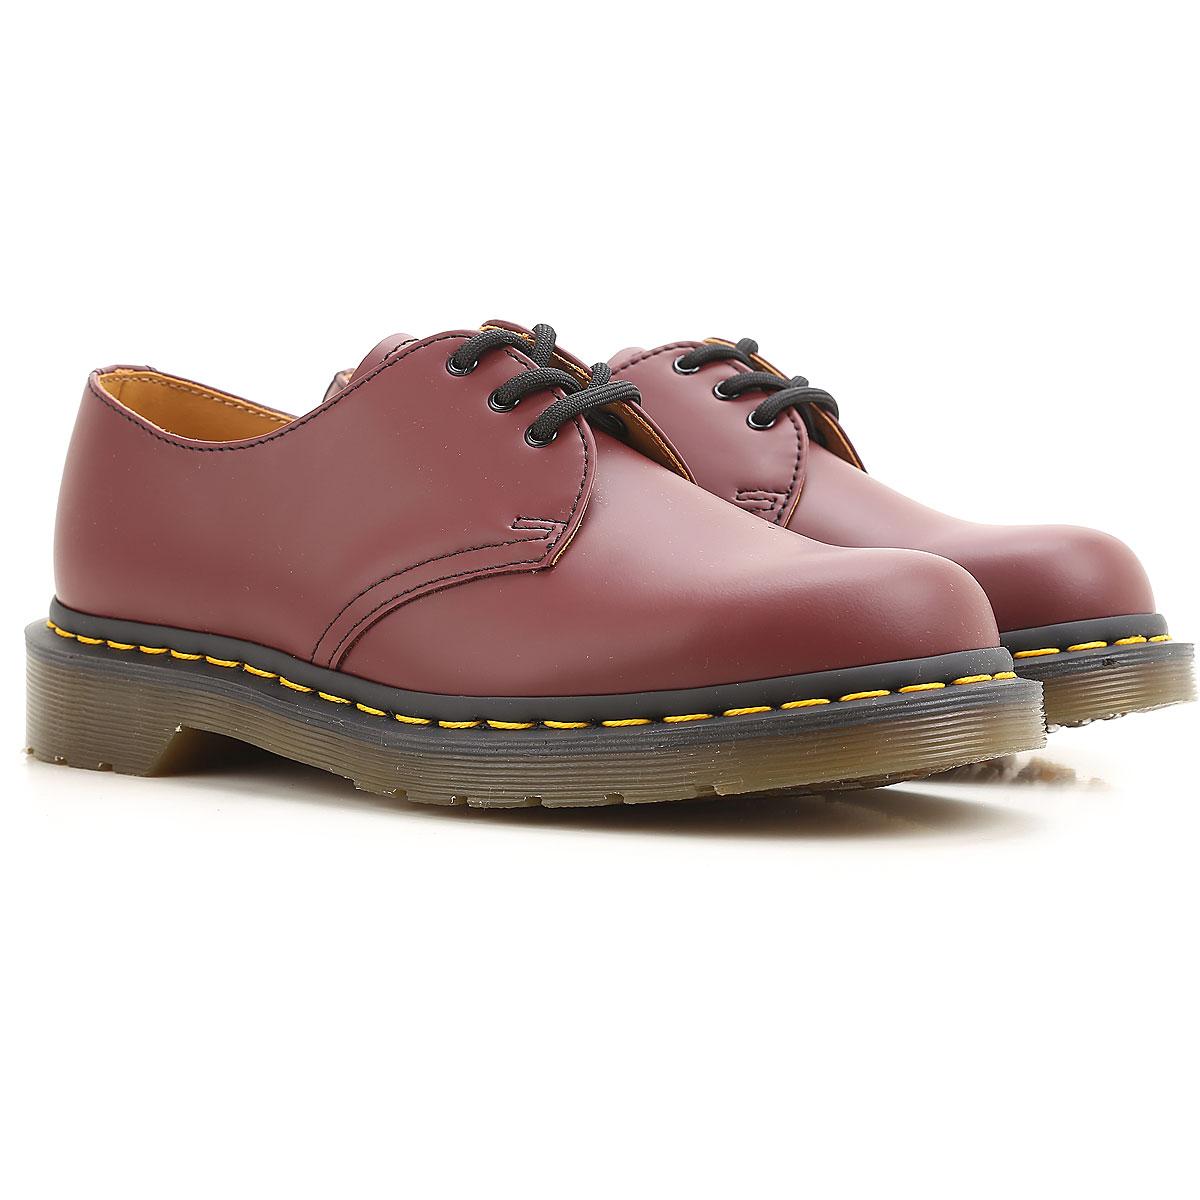 Womens Shoes On Sale, Black, Leather, 2017, US 8 - UK 6 - EU 39 US 5 - UK 3 - EU 36 US 8.5 - UK 6.5 - EU 40 Dr. Martens